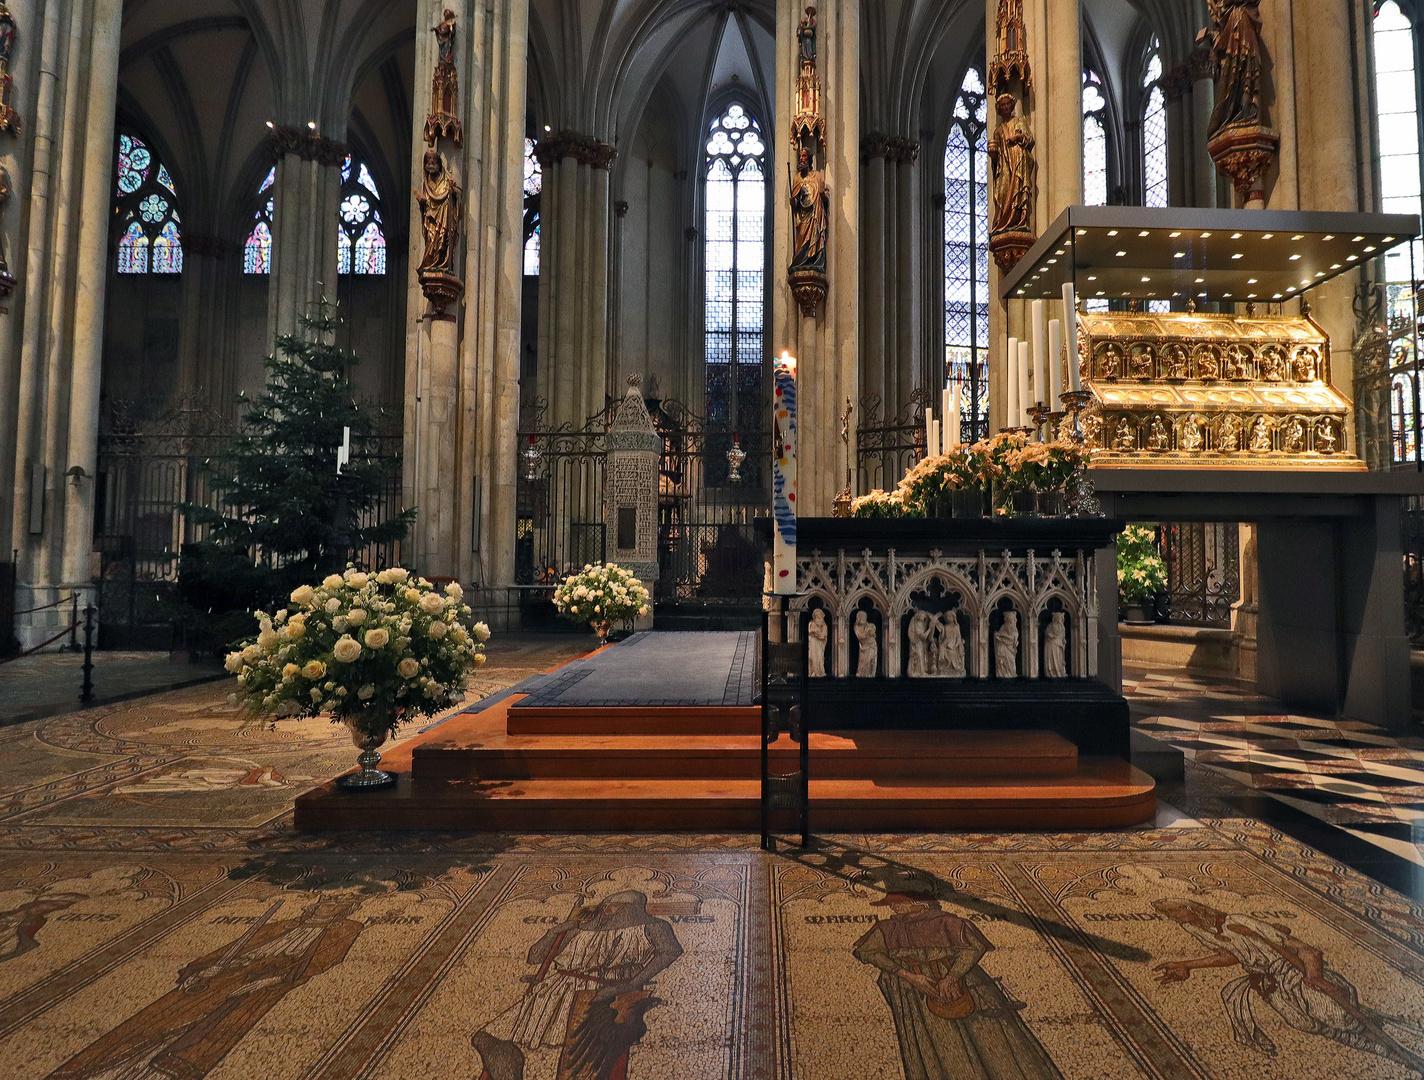 Kolner Dom Altar Foto Bild Deutschland Europe Nordrhein Westfalen Bilder Auf Fotocommunity